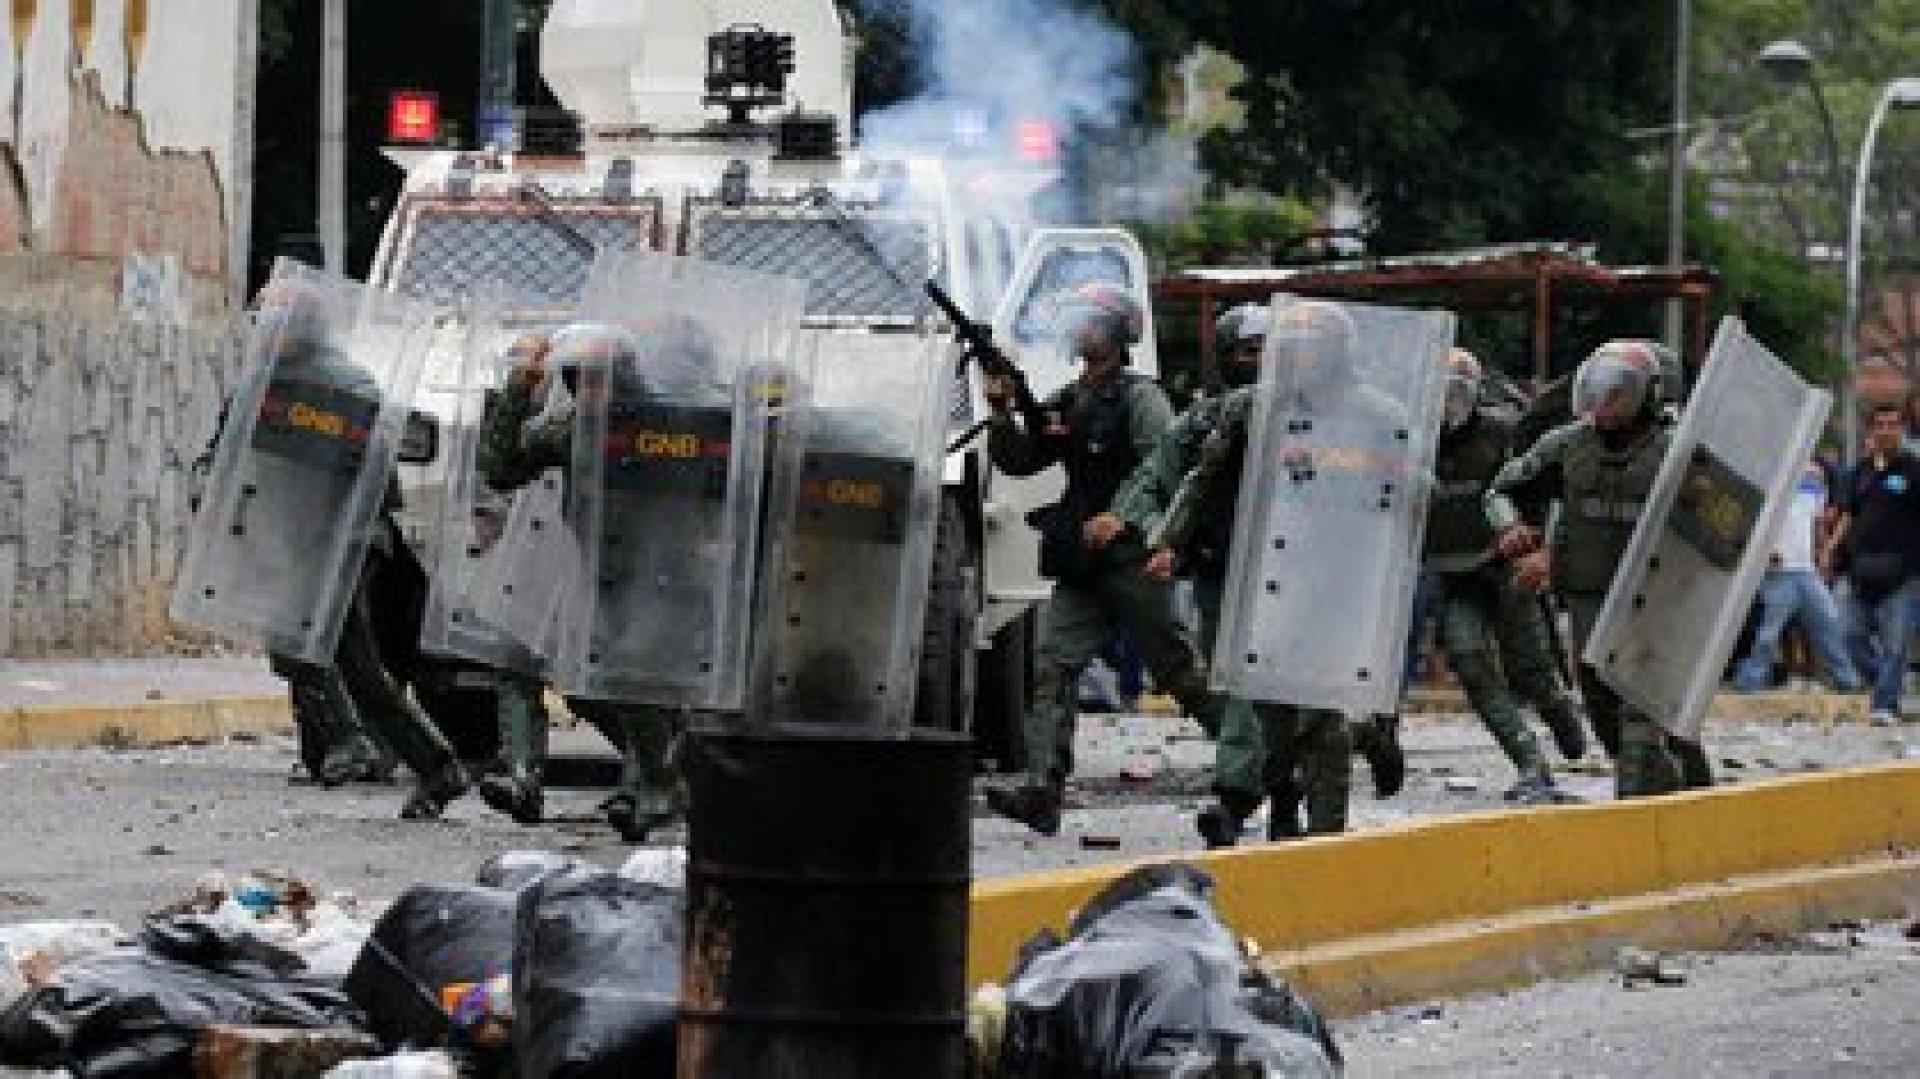 Agentes de la Guardia Nacional reprimen una manifestación en Caracas (REUTERS/Carlos Garcia Rawlins)